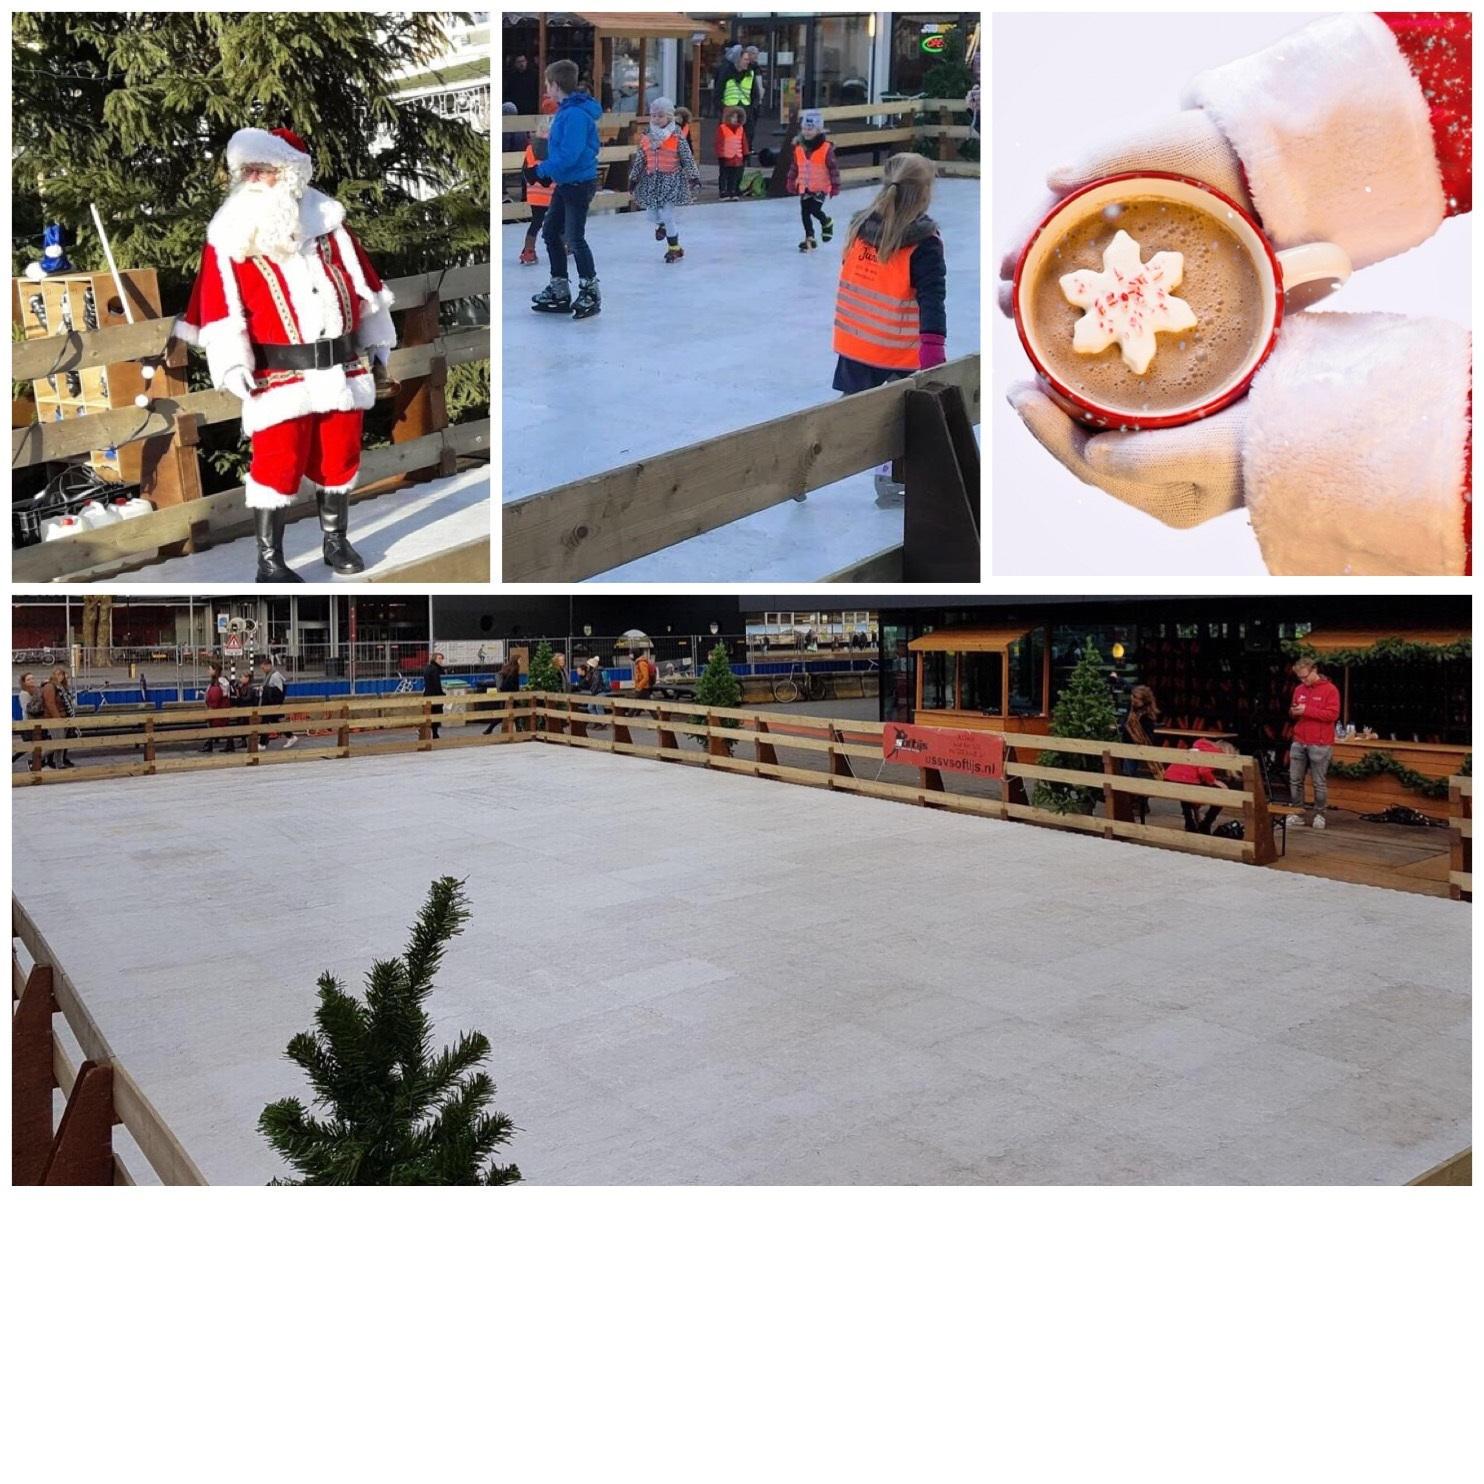 """Heiloo on Ice<br /><span class=""""chapeau"""">Winkelen in winkelcentrum 't Loo is n&oacute;g leuker tijdens de feestdagen</span>"""